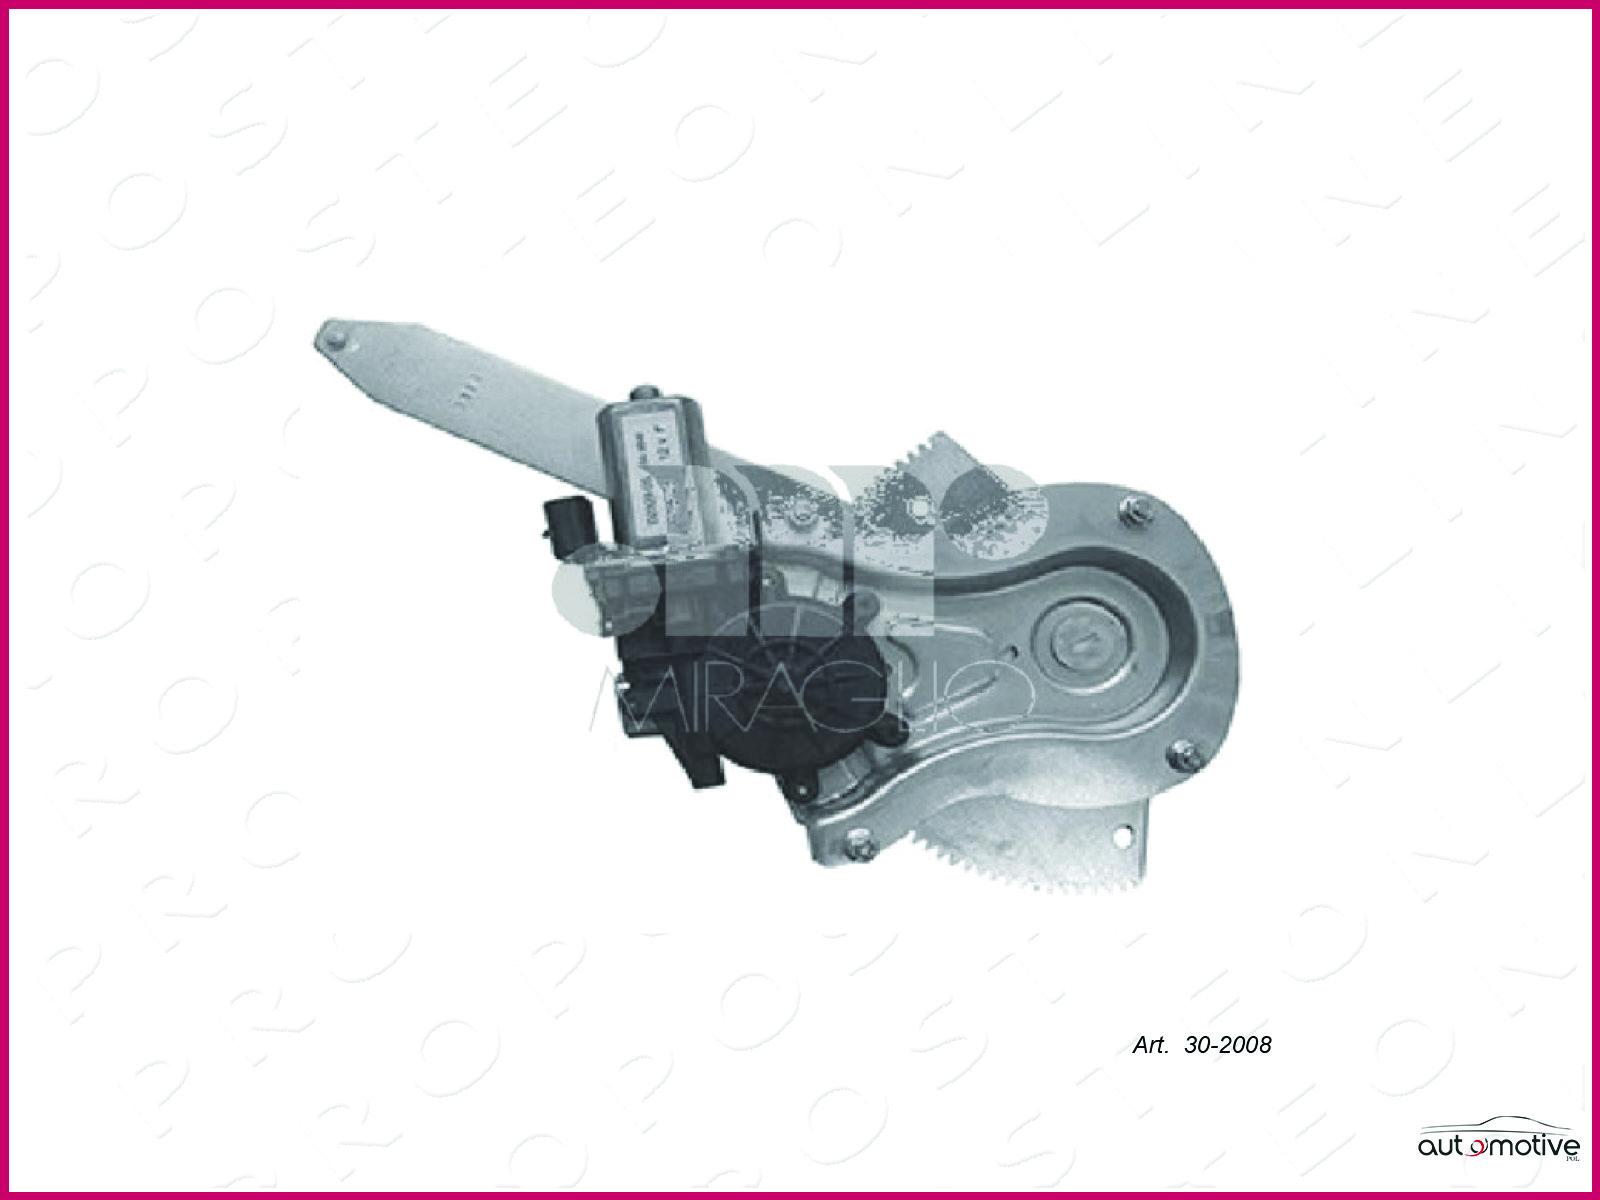 Leve-vitre-Vitres-Electriques-Electrique-Arriere-Dx-Dr-DR5-5-Portes-Du-2007-1707